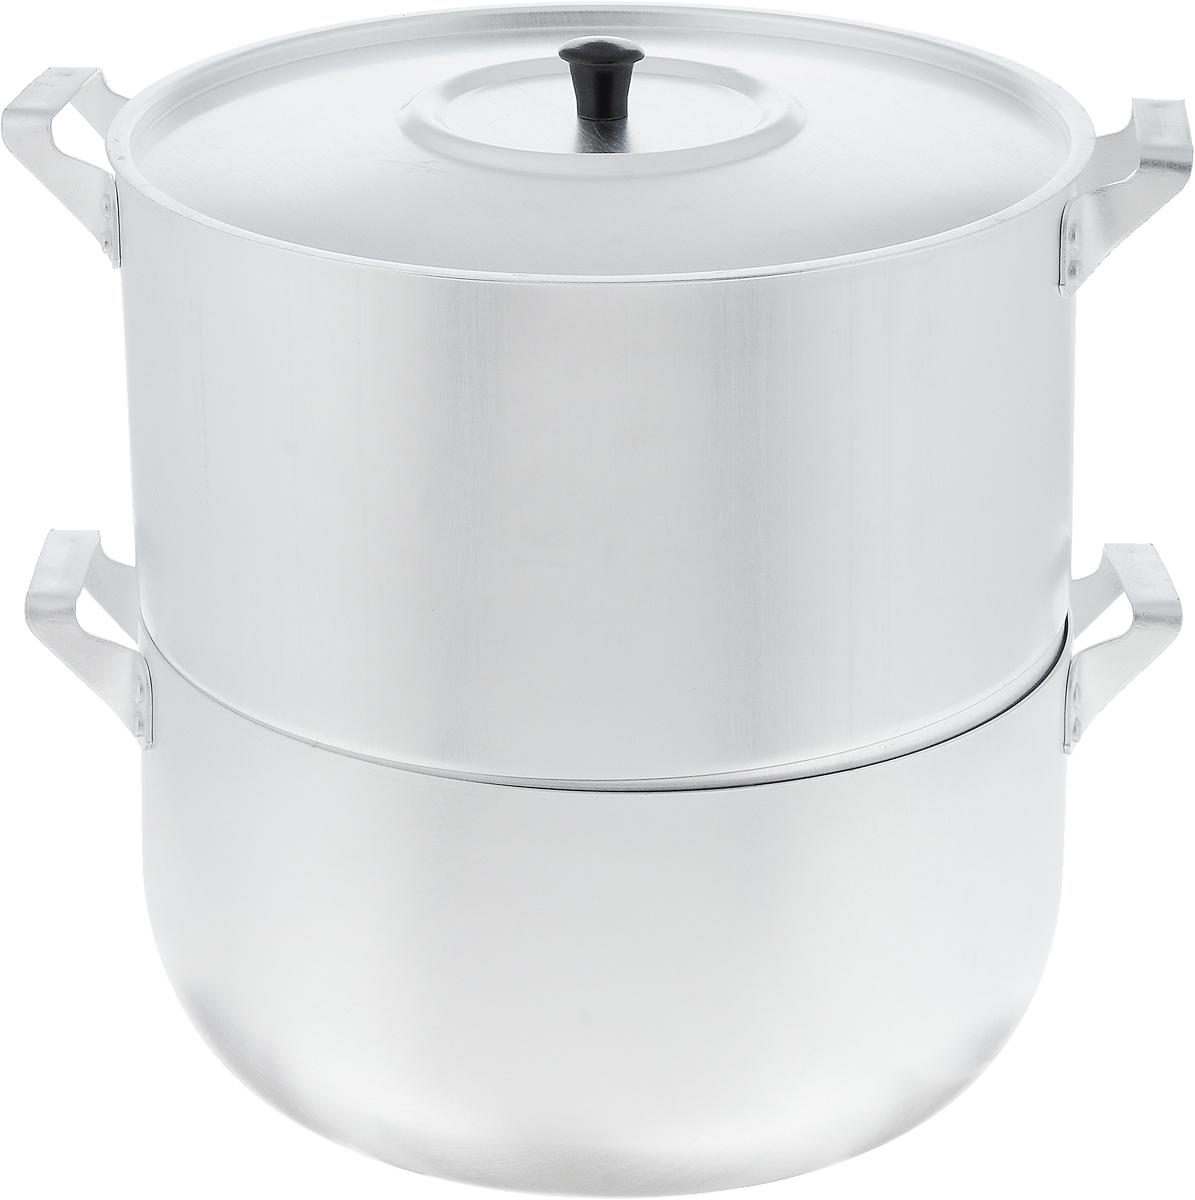 Мантоварка Scovo с крышкой, 4 яруса, 6 лМТ-040Мантоварка Scovo изготовлена из высококачественного алюминия, что делает посуду износостойкой, прочной и практичной. Глубина уровней изделия, диаметр отверстий и объем специально предназначены для приготовления мантов. В мантоварке также можно готовить и другие блюда: овощи, котлеты или пельмени. Готовить на пару очень просто, продукты не пригорают и не склеиваются, а готовое блюдо выходит рассыпчатым и ароматным. Питательные элементы и витамины не растворяются в воде, а остаются в продуктах. Еда получается не только полезной, но и по-настоящему вкусной. Подходит для газовых и электрических плит. Внутренний диаметр нижней кастрюли: 26 см. Внутренний диаметр верхнего корпуса: 26 см. Общая высота стенки мантоварки: 25,5 см. Расстояние между решетками (ярусами) мантоварки: 3 см. Диаметр отверстий: 1 см.